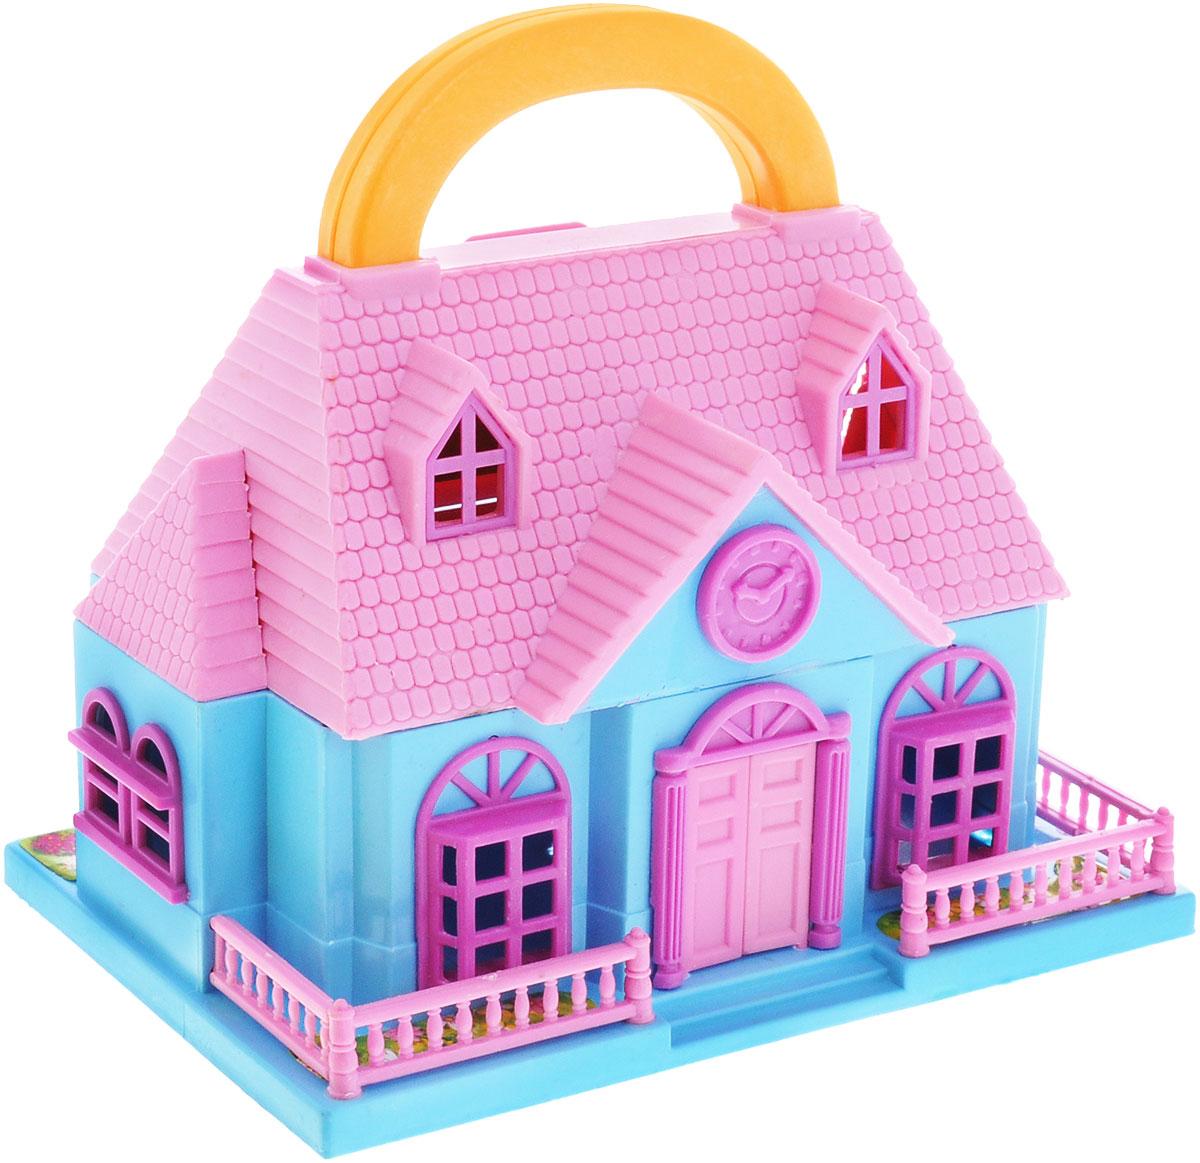 1TOY Игровой набор Домик цвет розовый голубой игровые фигурки breyer набор вестерн баррел